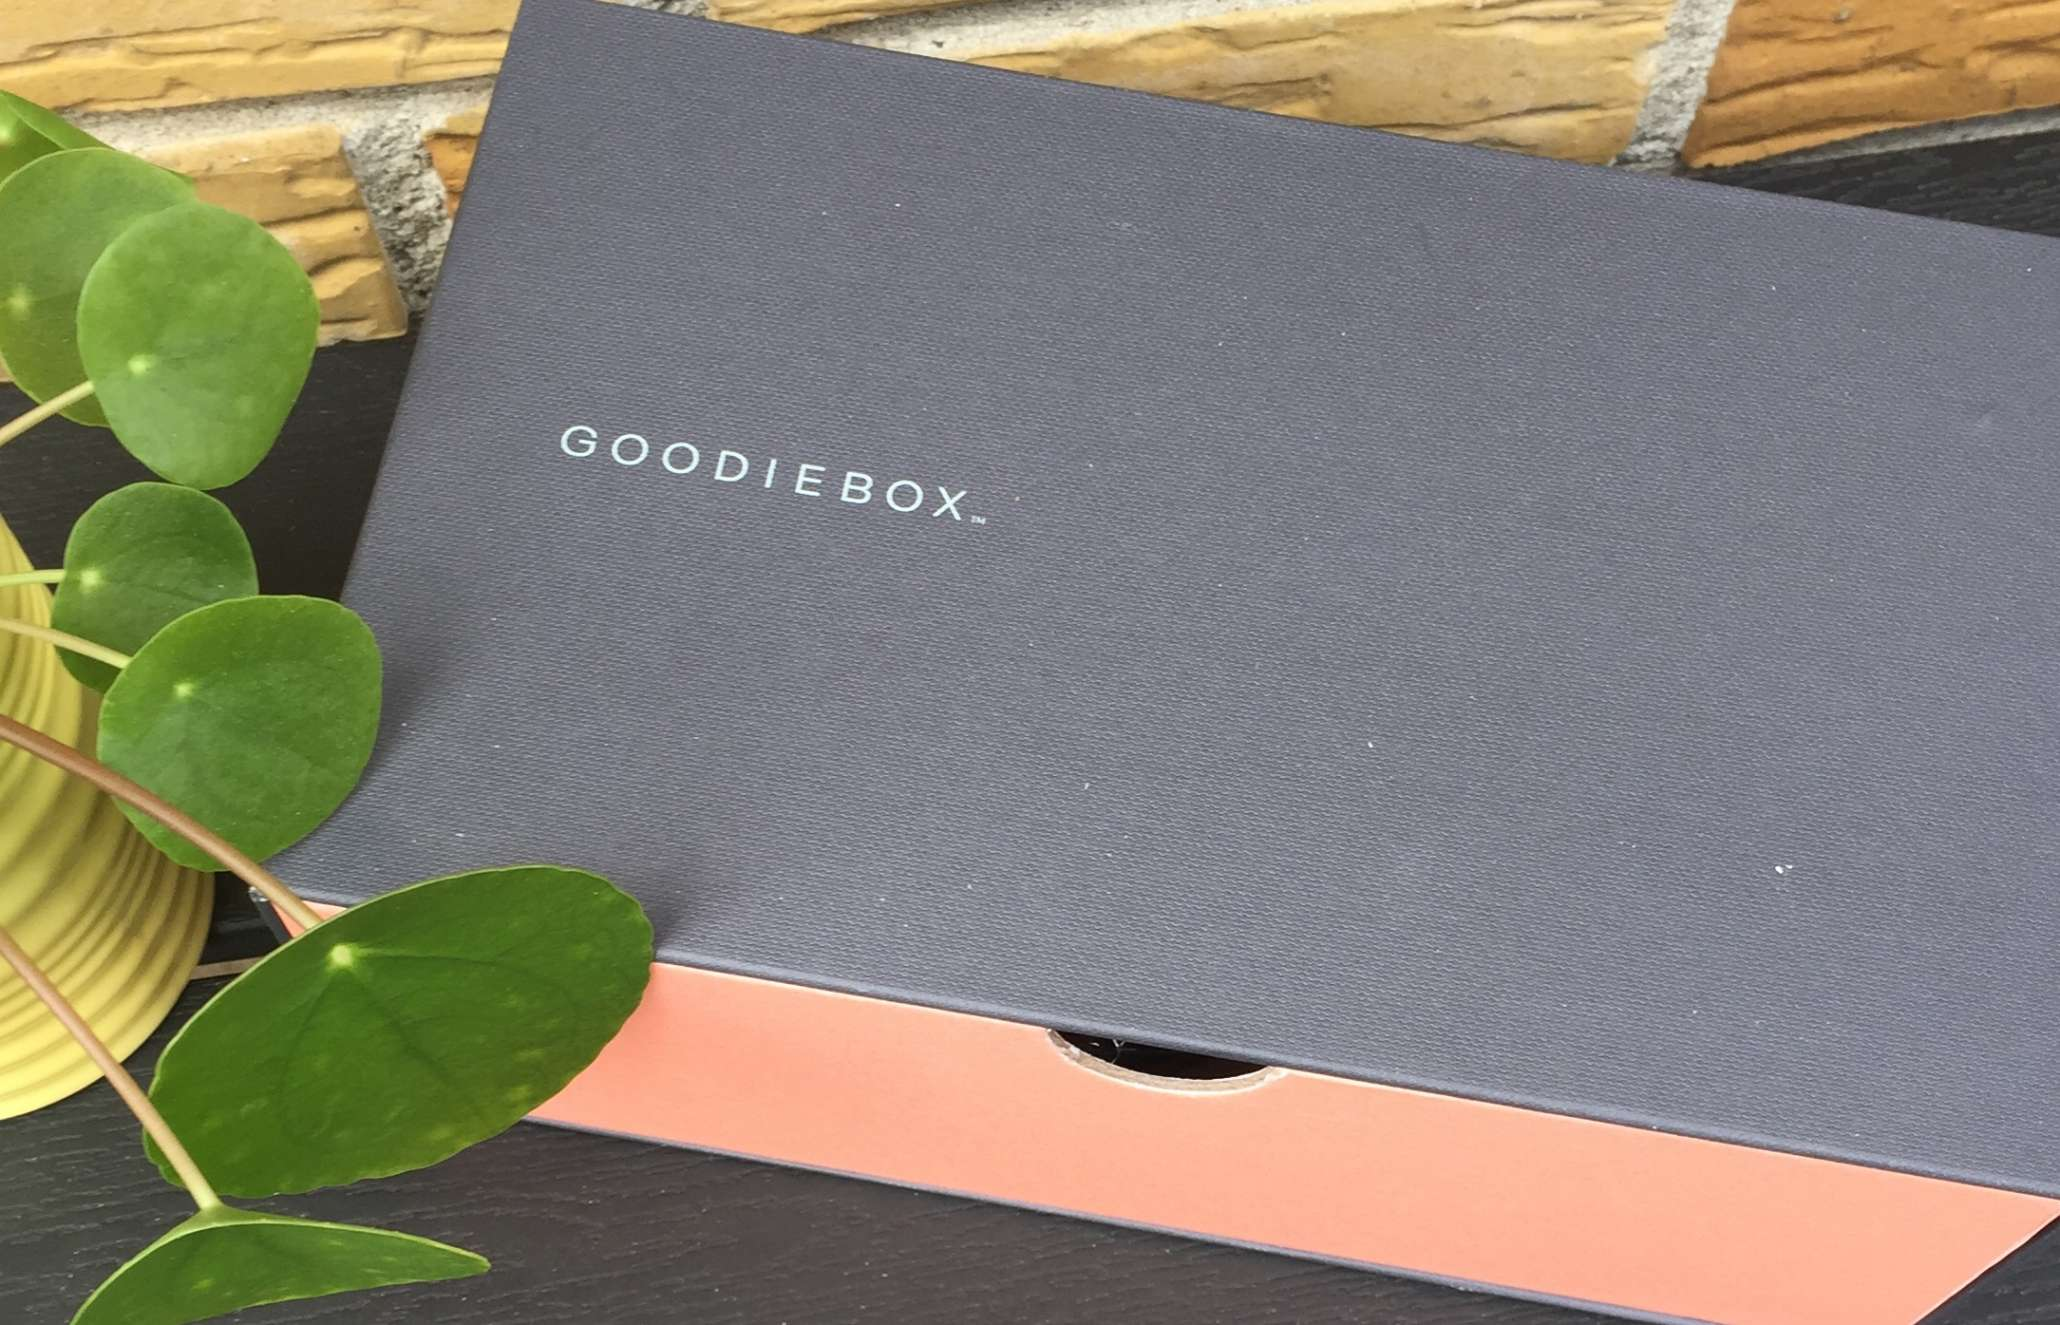 Goodiebox, Goodiebox DK, Piz Buin, Nails inc., Aloe After Sun, Zenz, The Wes Surf, Dr. Botanicals, Olie, Hårbørste, Solcreme, Solbeskyttelse, Anmeldelse, Krummeskrummelurer, Krummes Krummelurer,